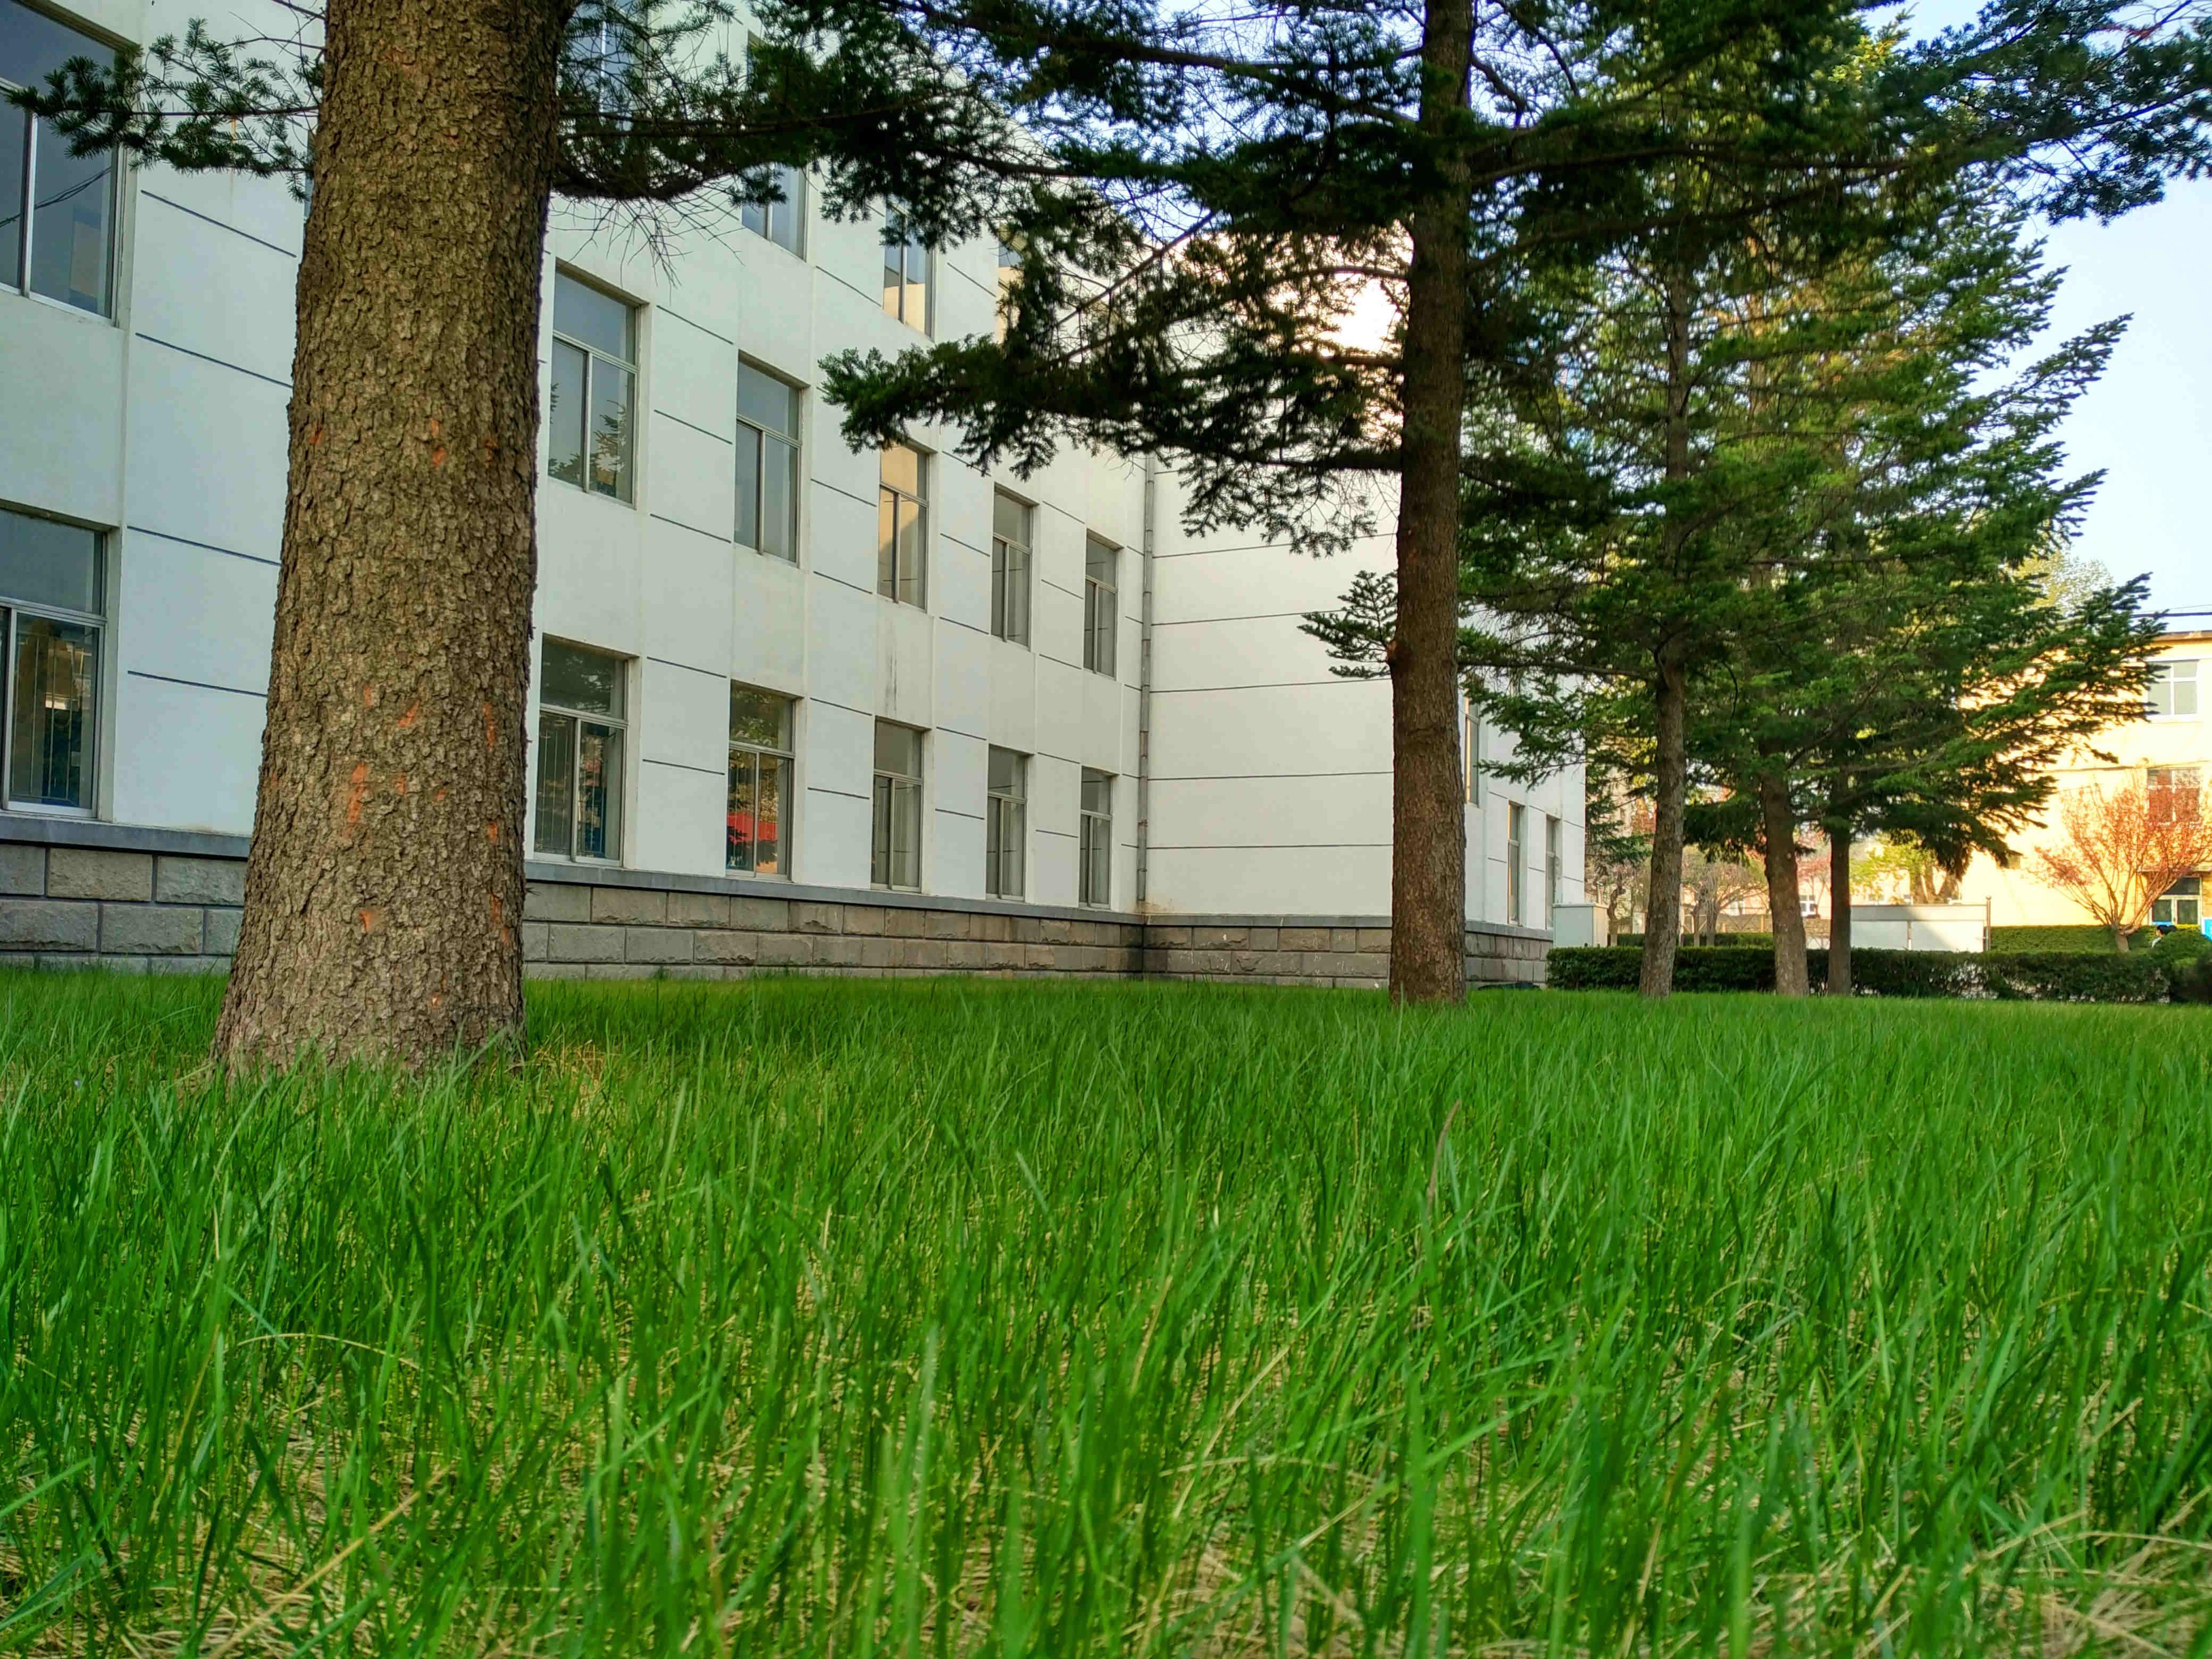 大连海洋大学应用技术学院电气与信息工程系迎